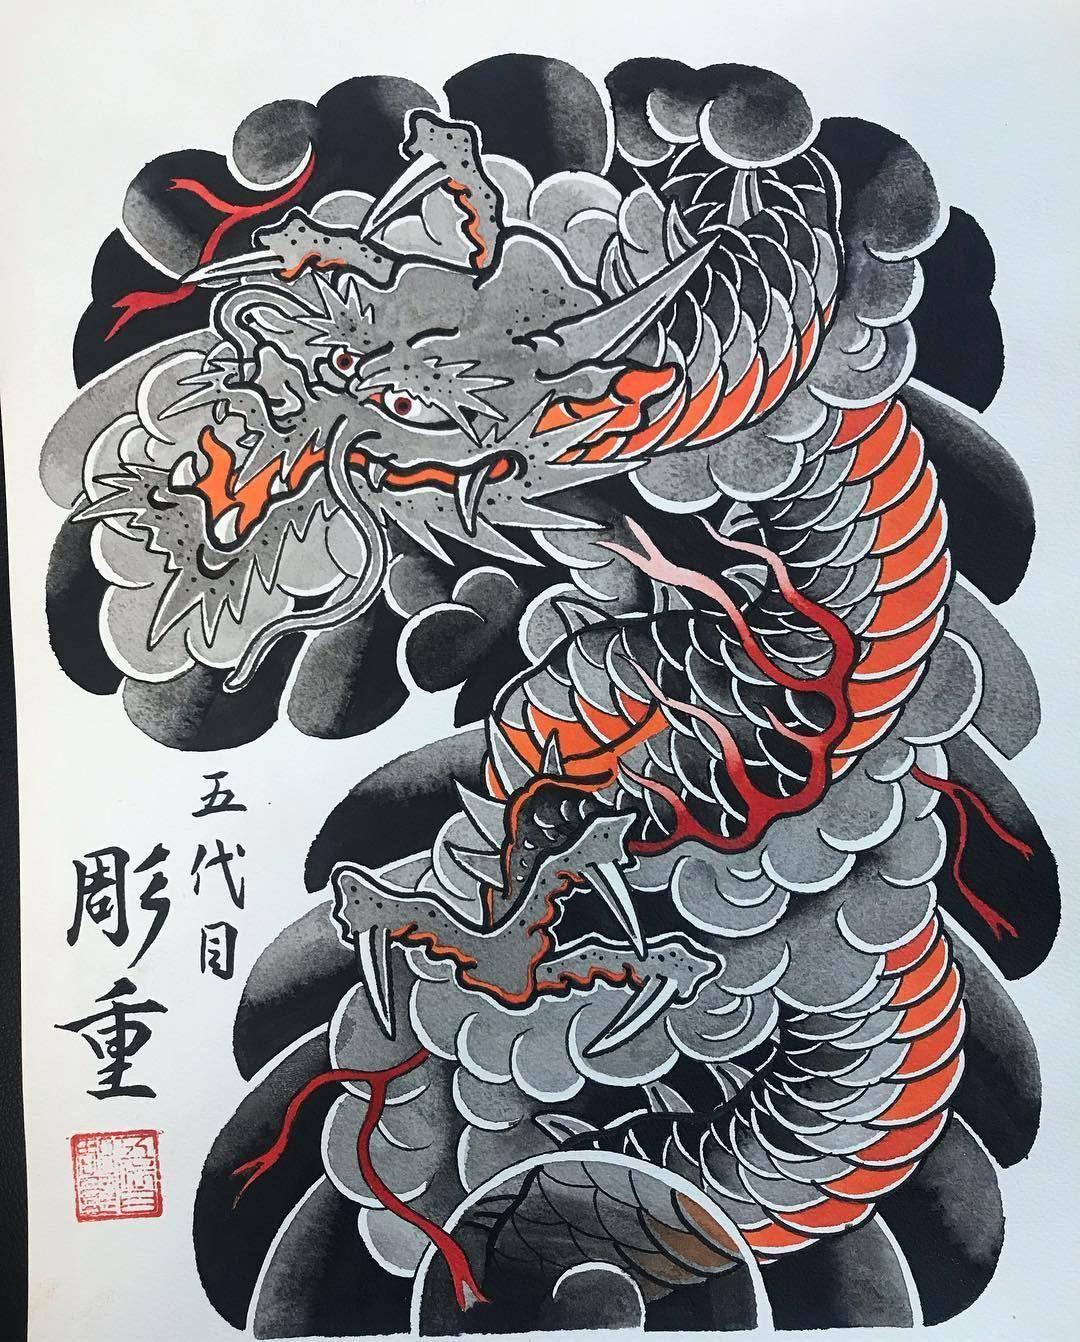 Japanese Tattoos Style Japanesetattoos Japanese Tattoo Dragon Tattoo Art Japanese Dragon Tattoos